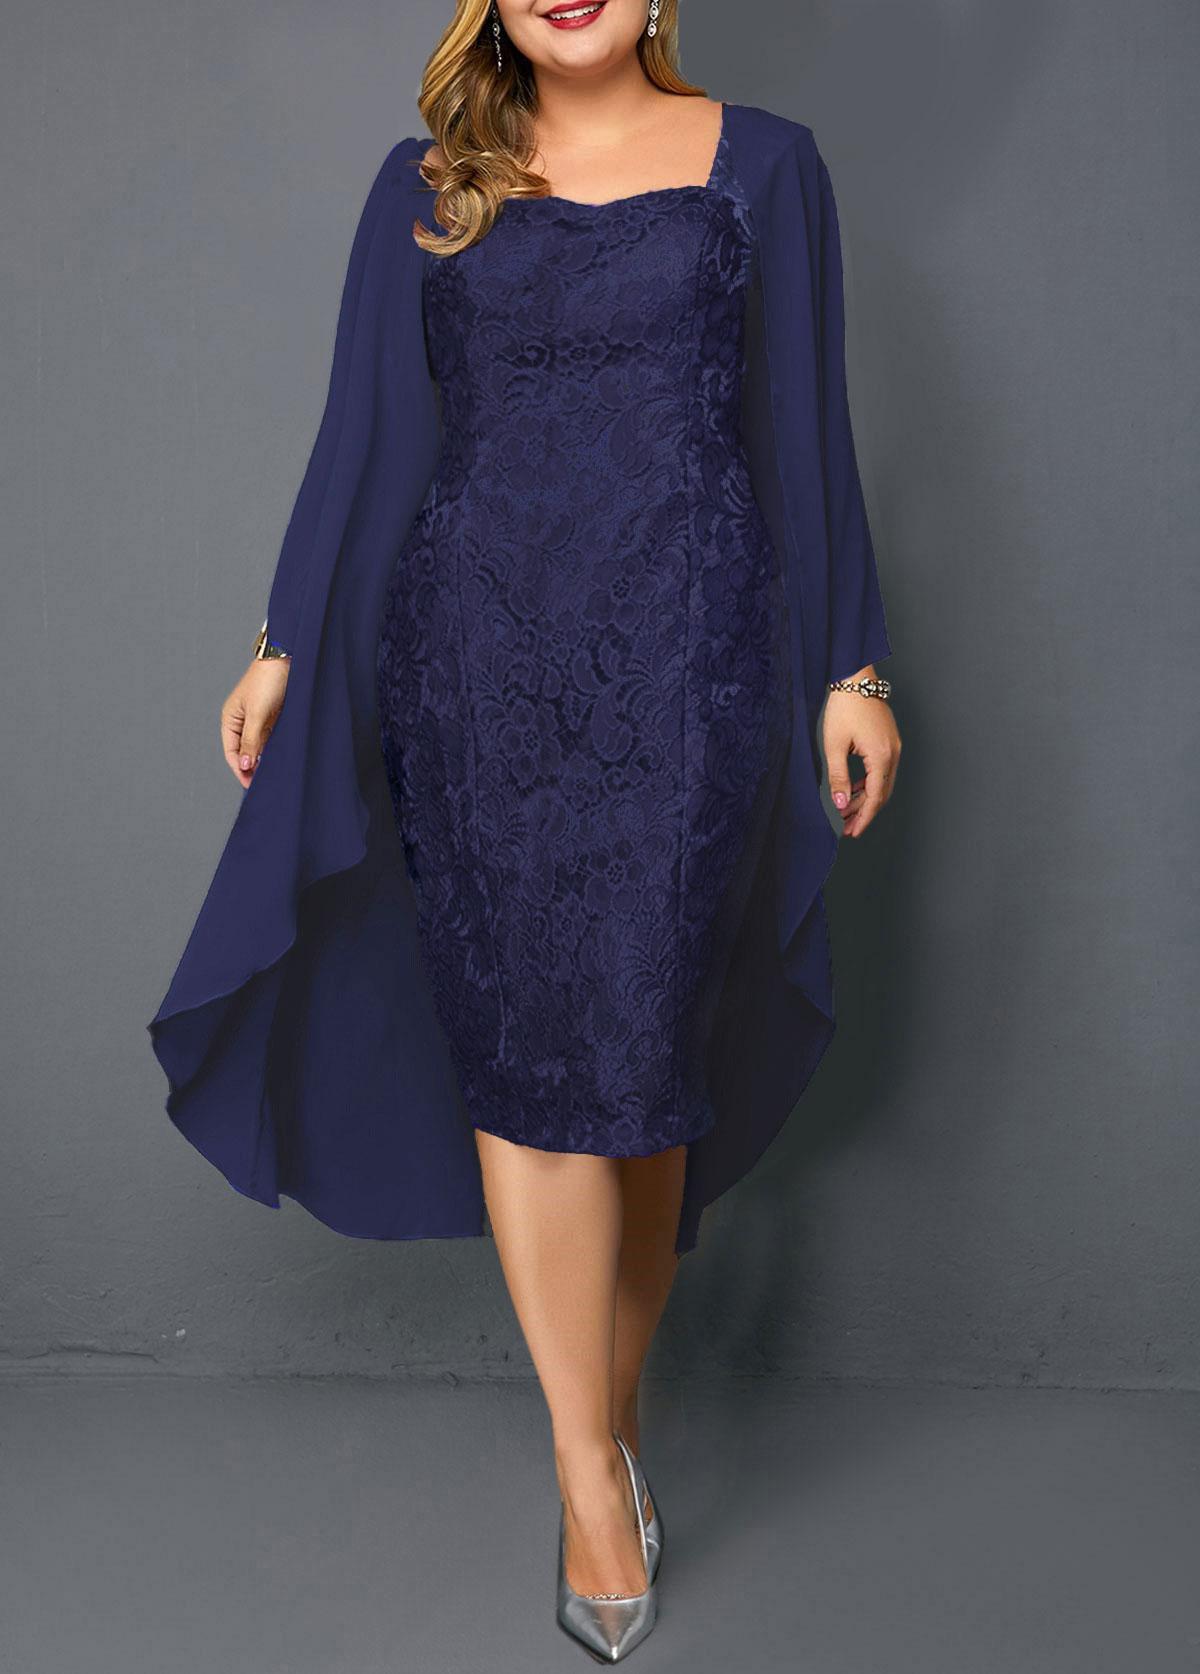 ROTITA Plus Size Chiffon Cardigan and Sheath Dress